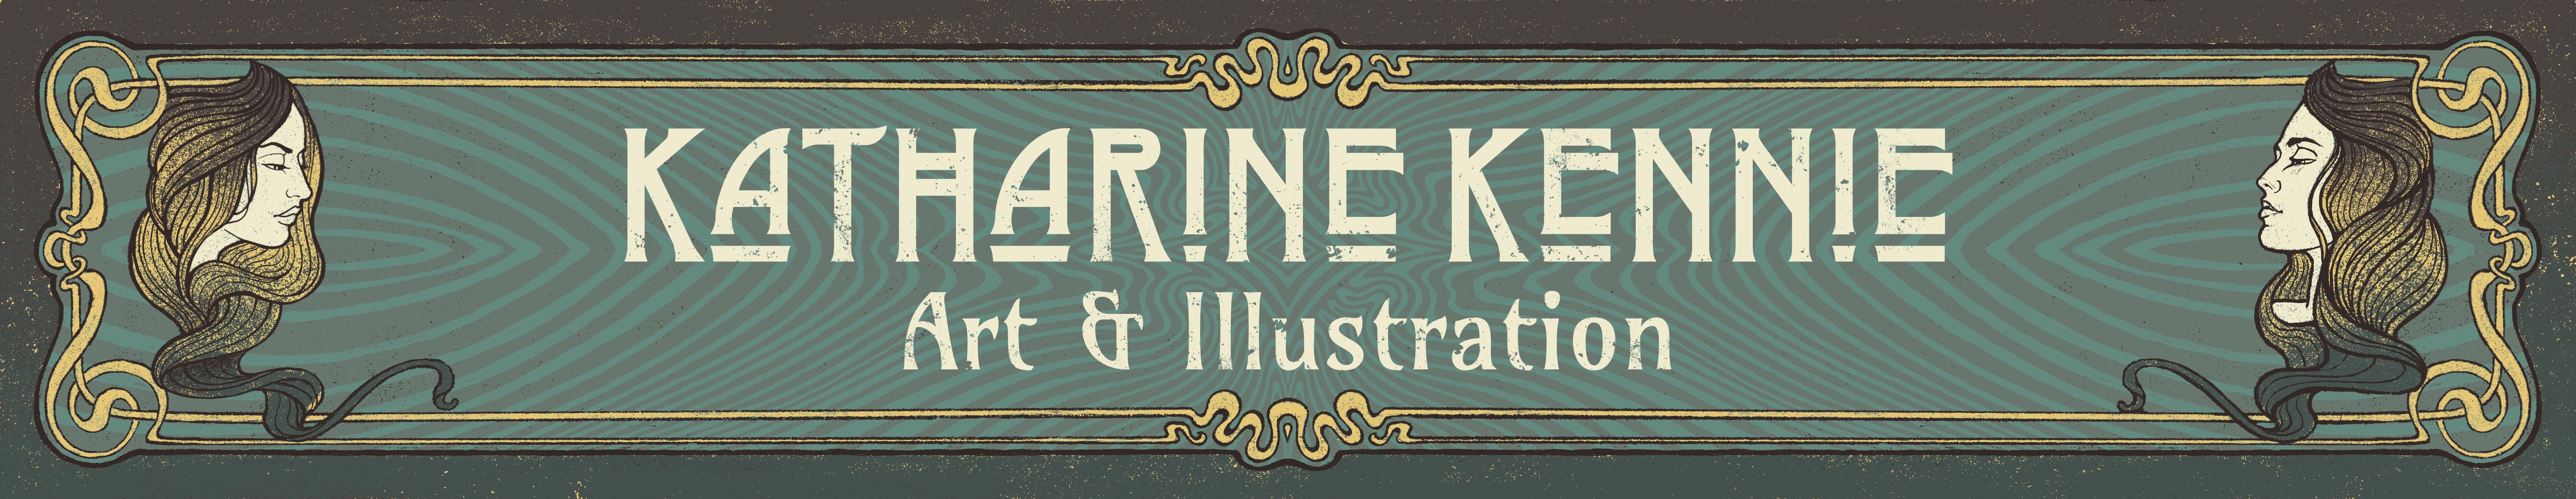 Katharine Kennie